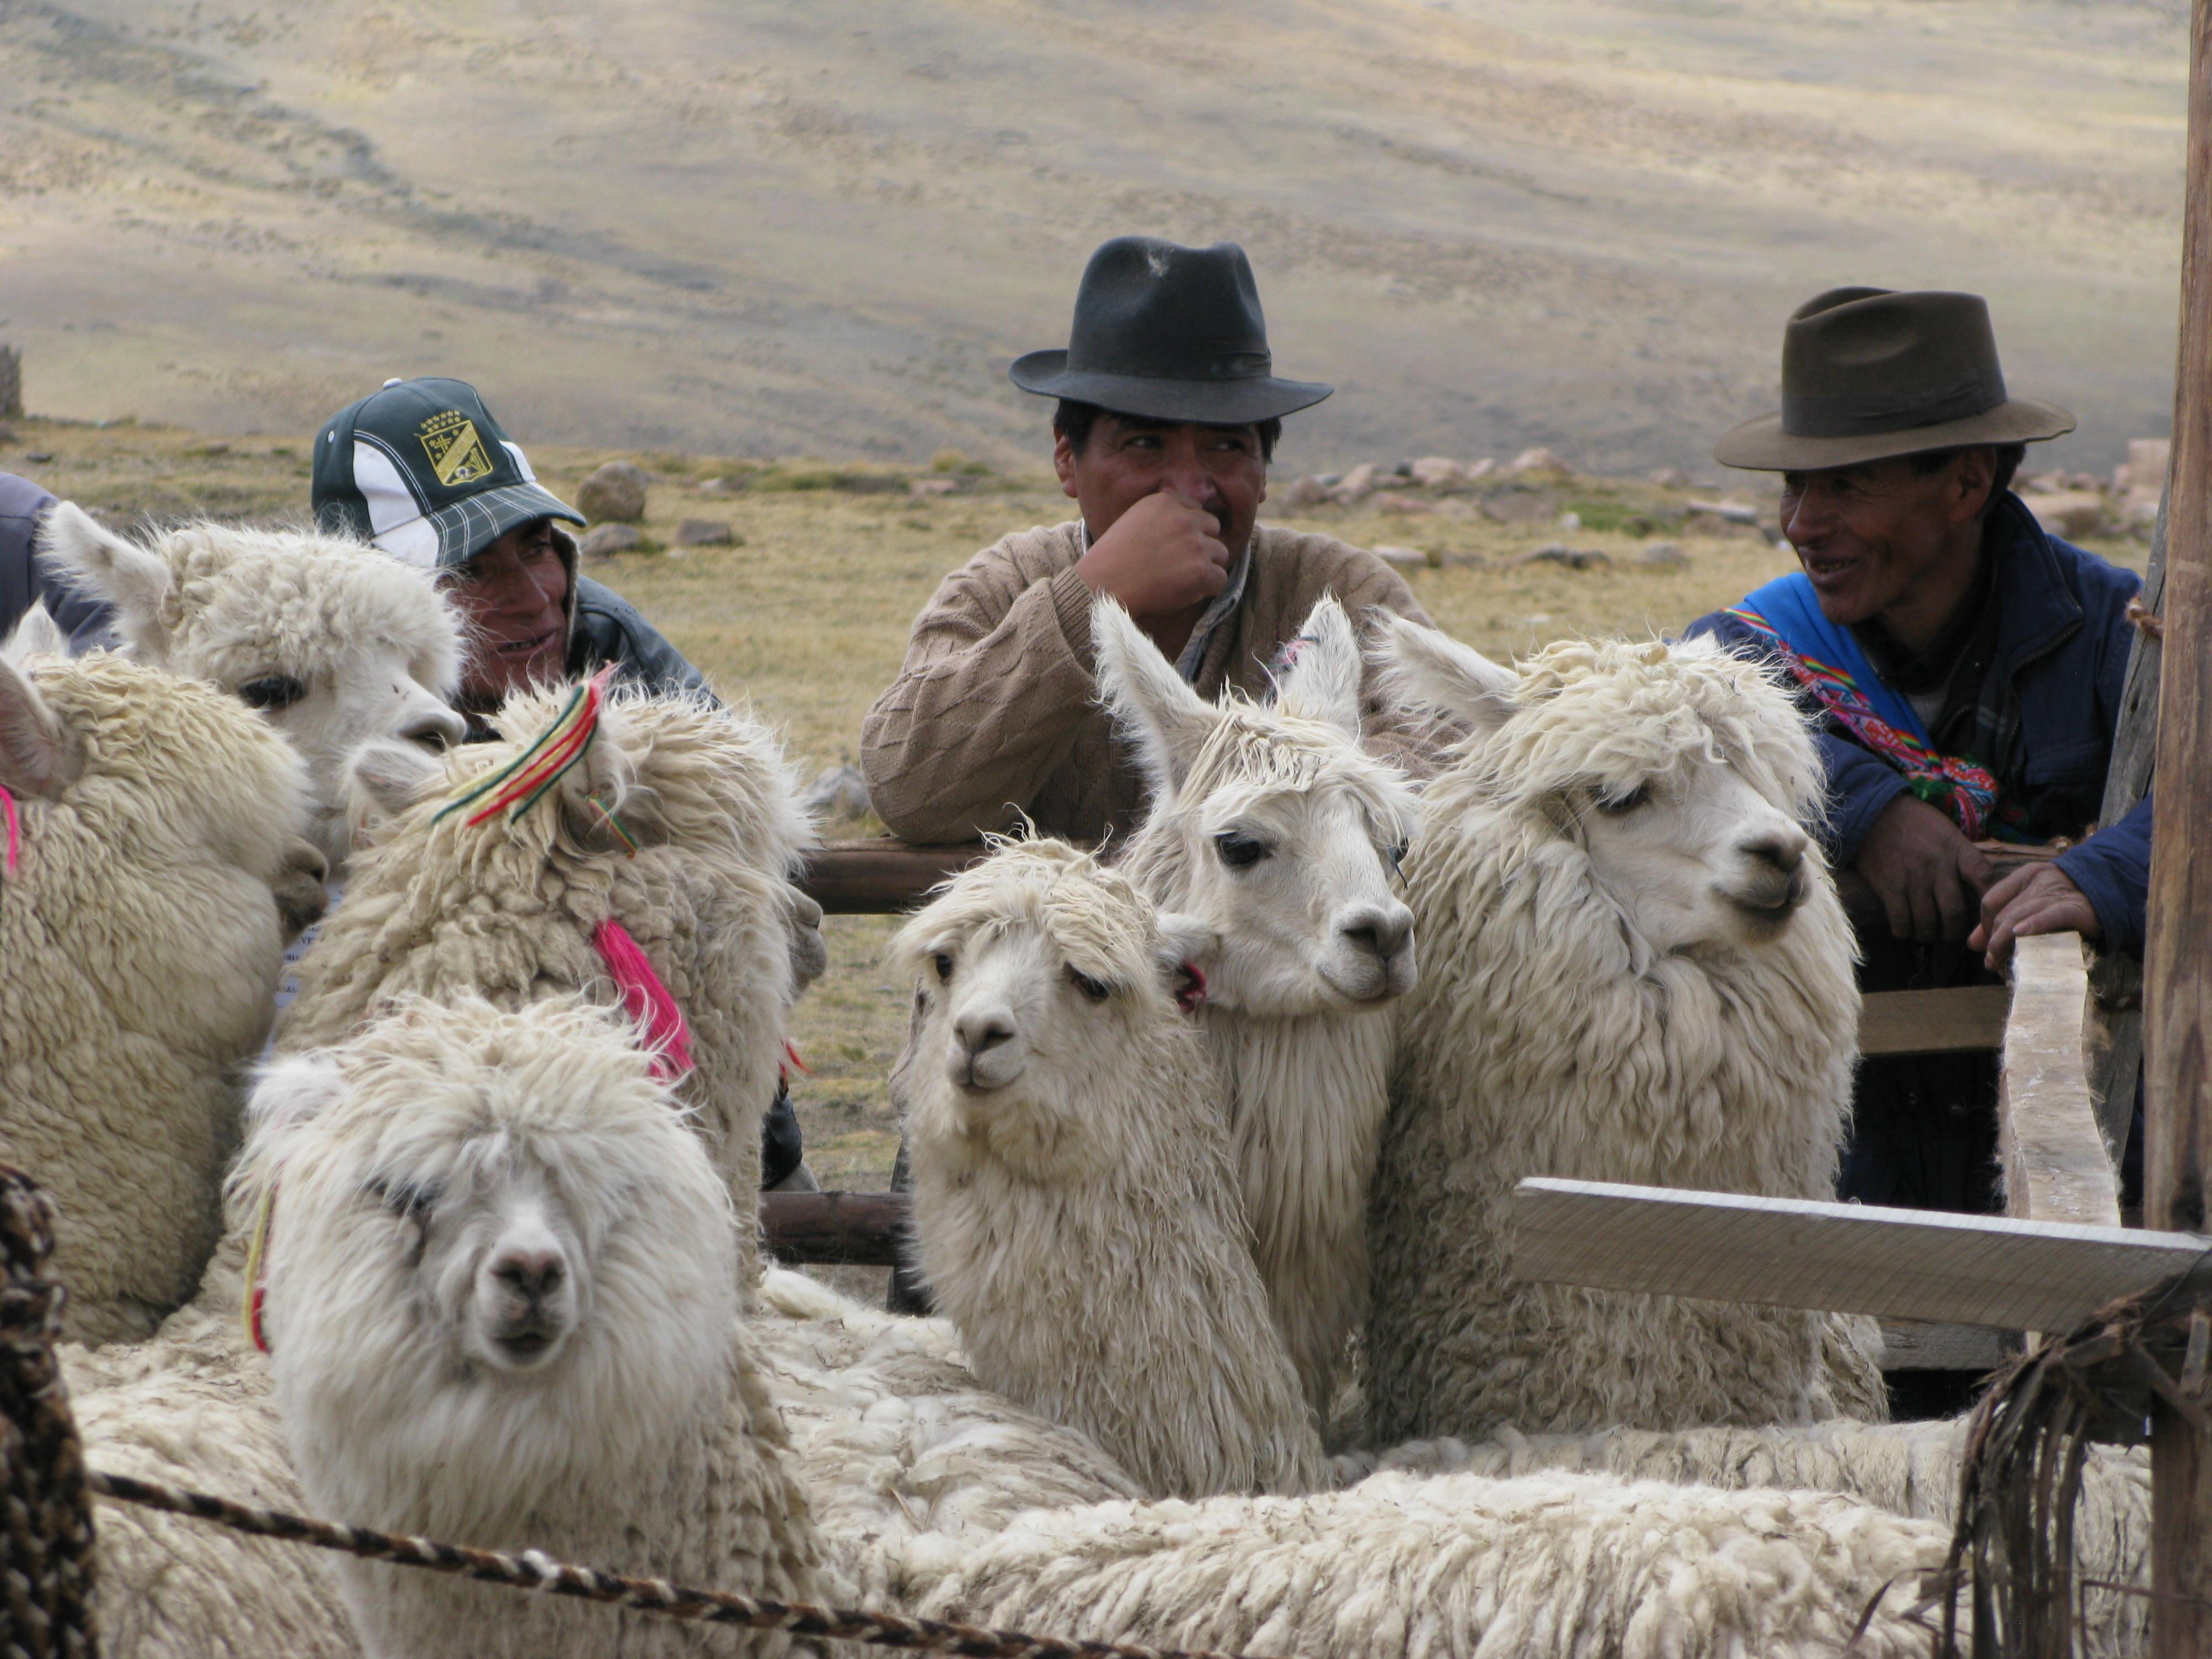 Gardiens d'alpaca_6329345224_o.jpg